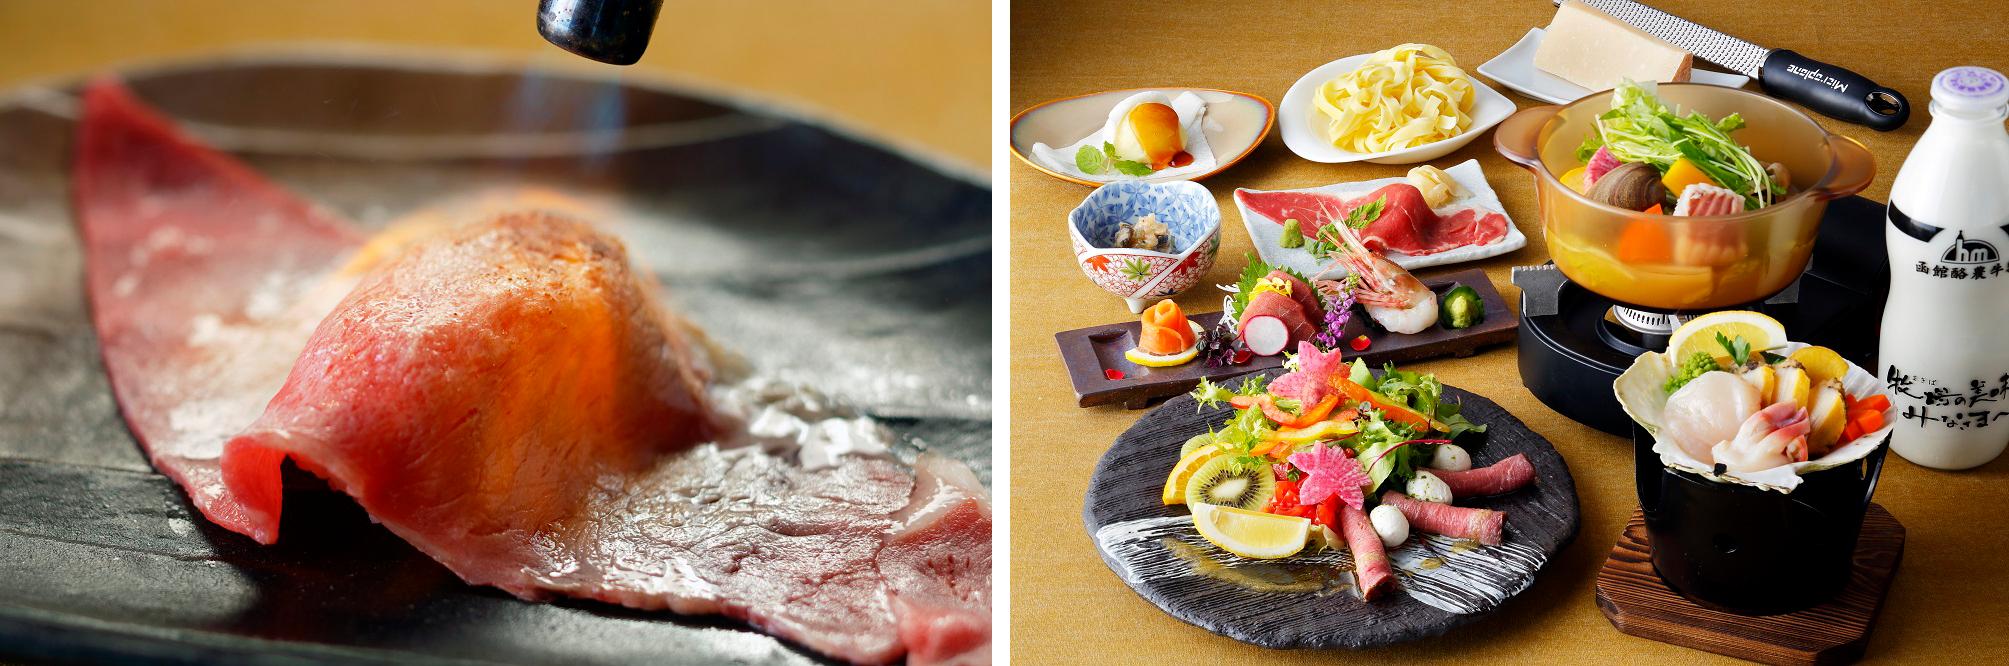 左:牛ロース肉の炙り寿司 右:「EZO 御膳~冬~」